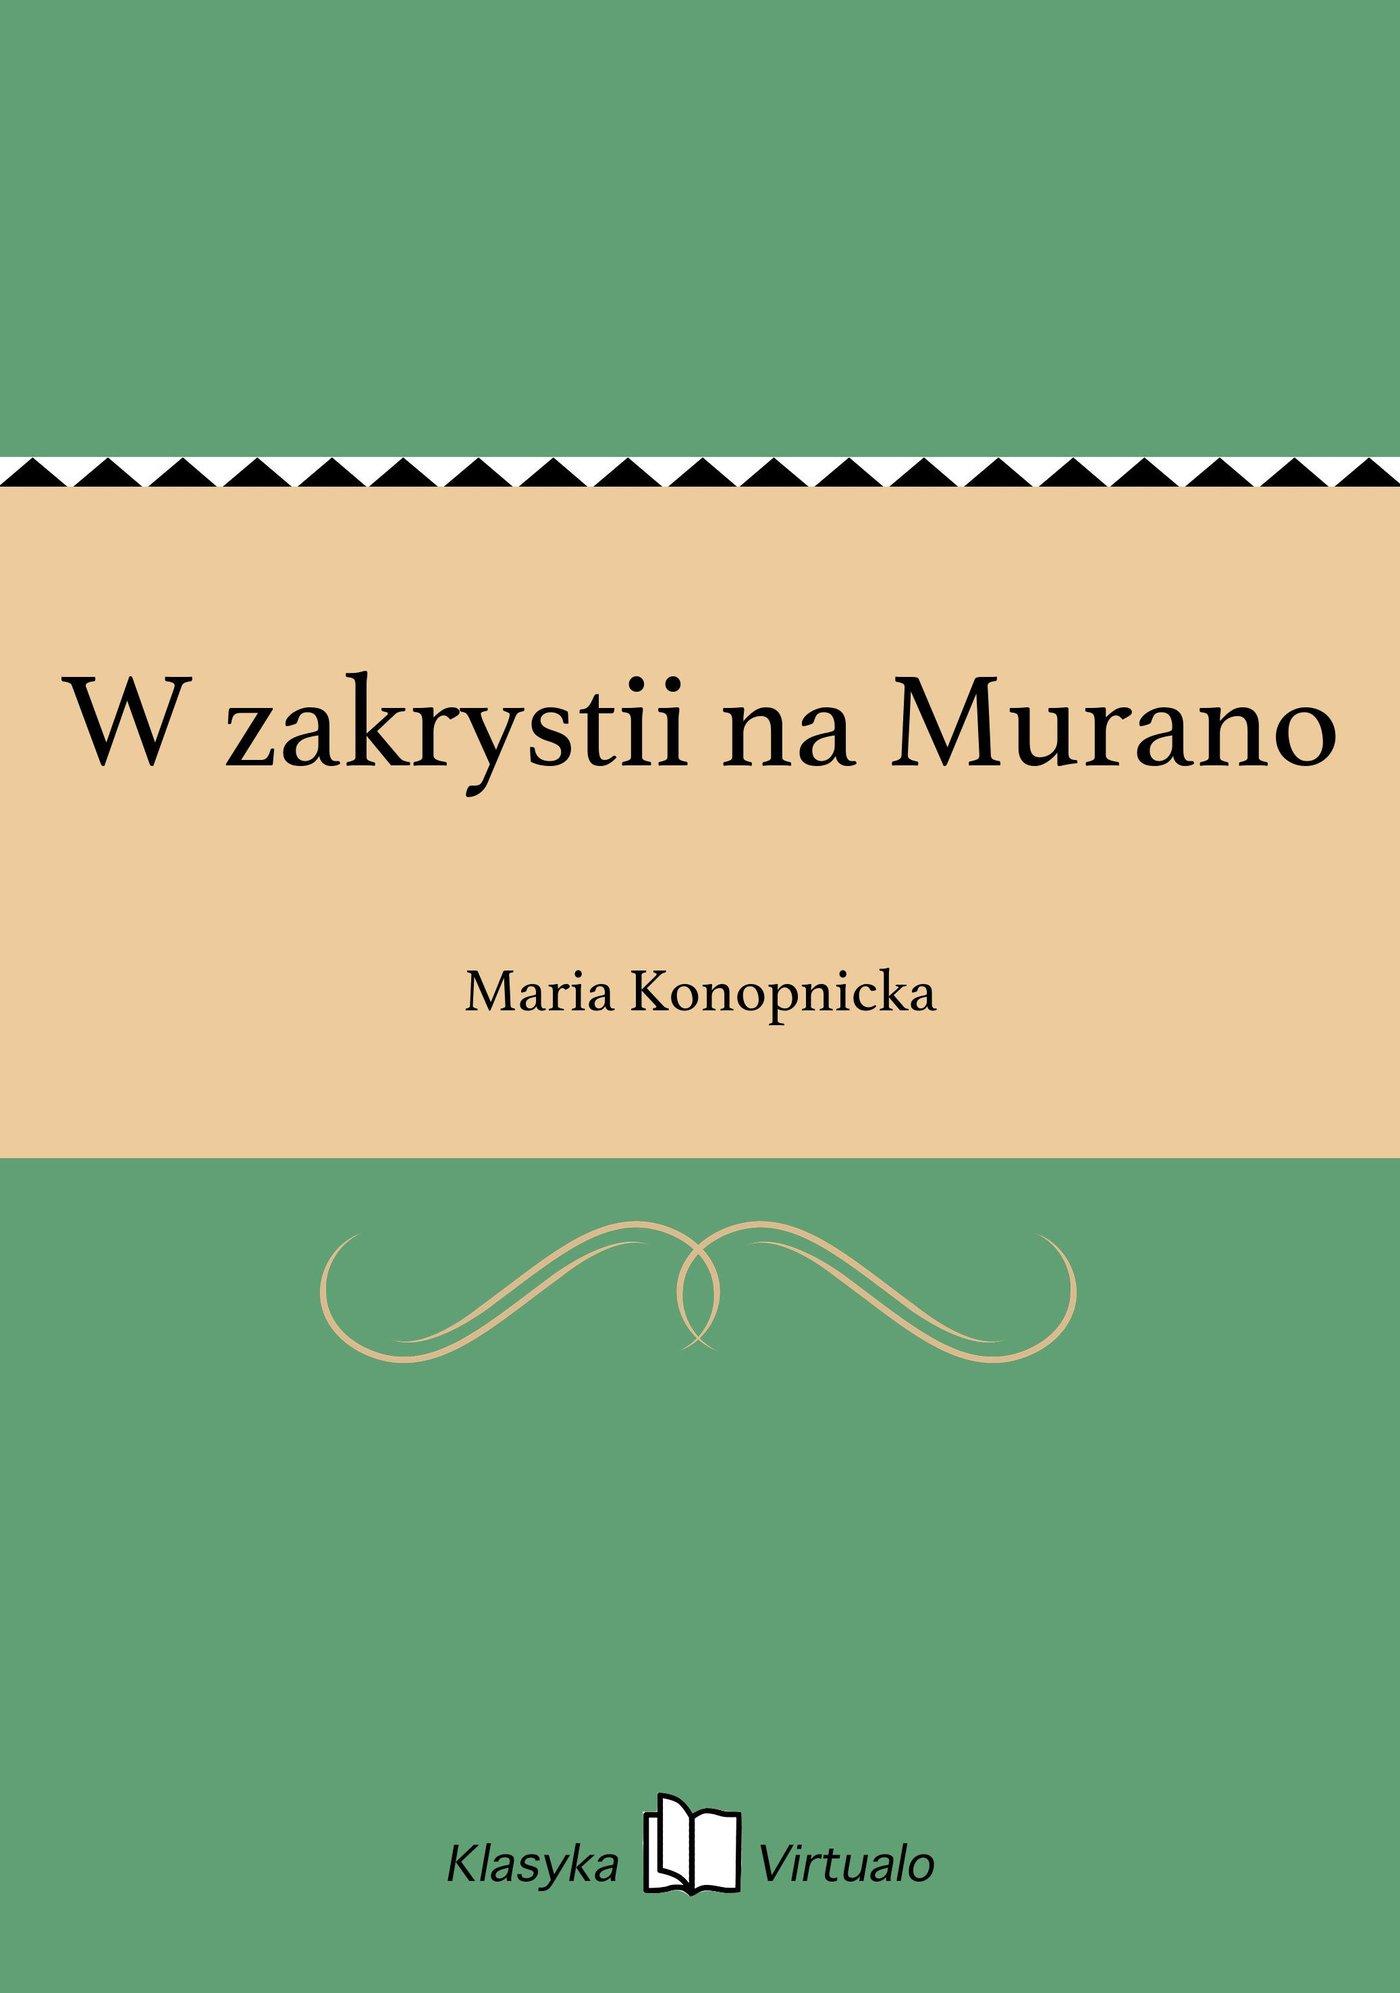 W zakrystii na Murano - Ebook (Książka EPUB) do pobrania w formacie EPUB